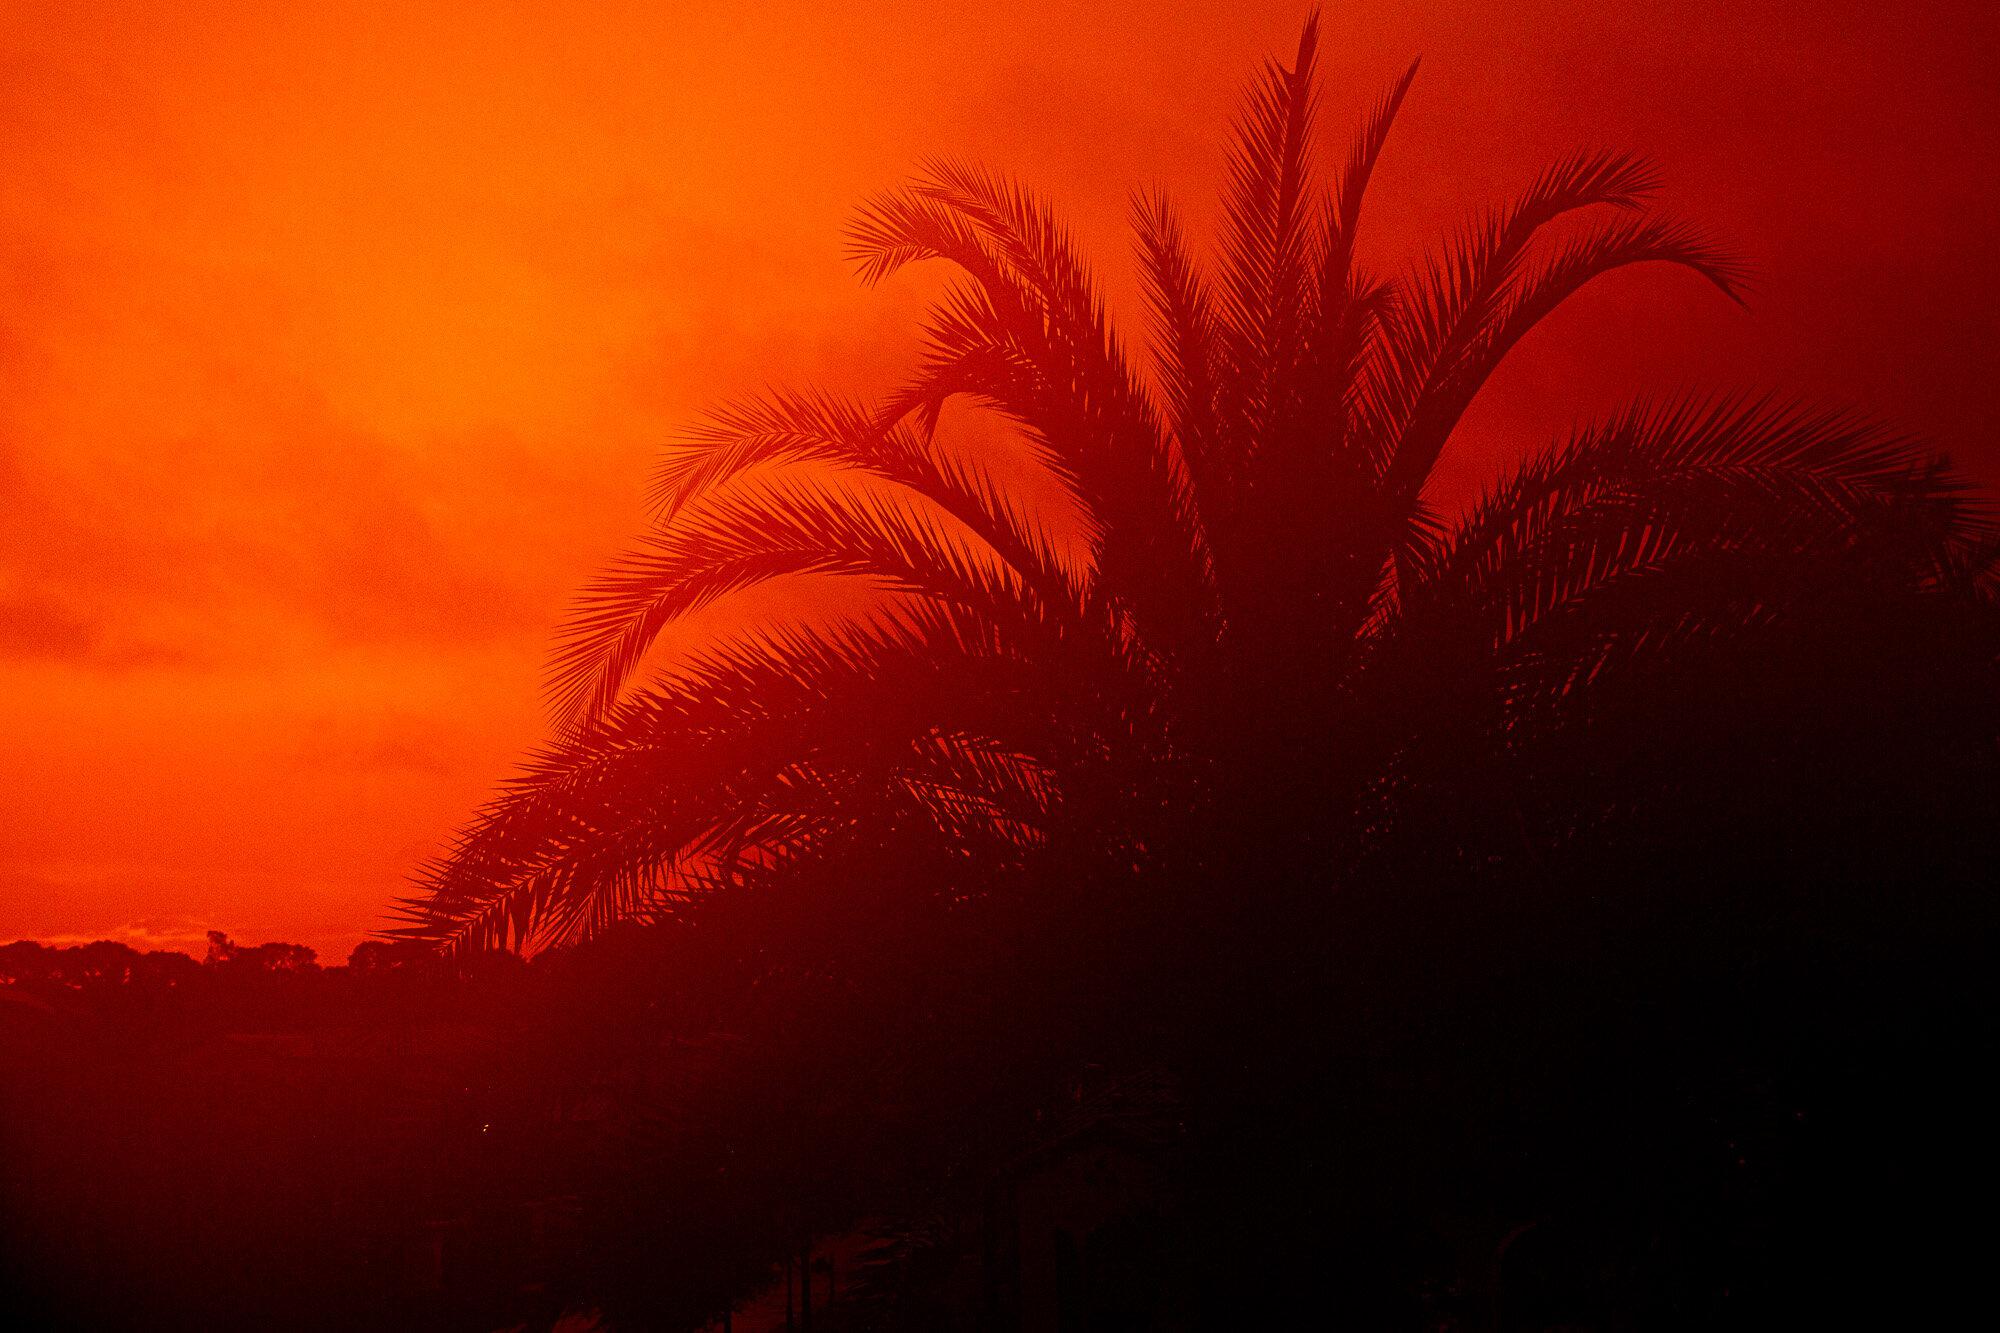 © Karen Levy (Sunrise/Sunset assignment)